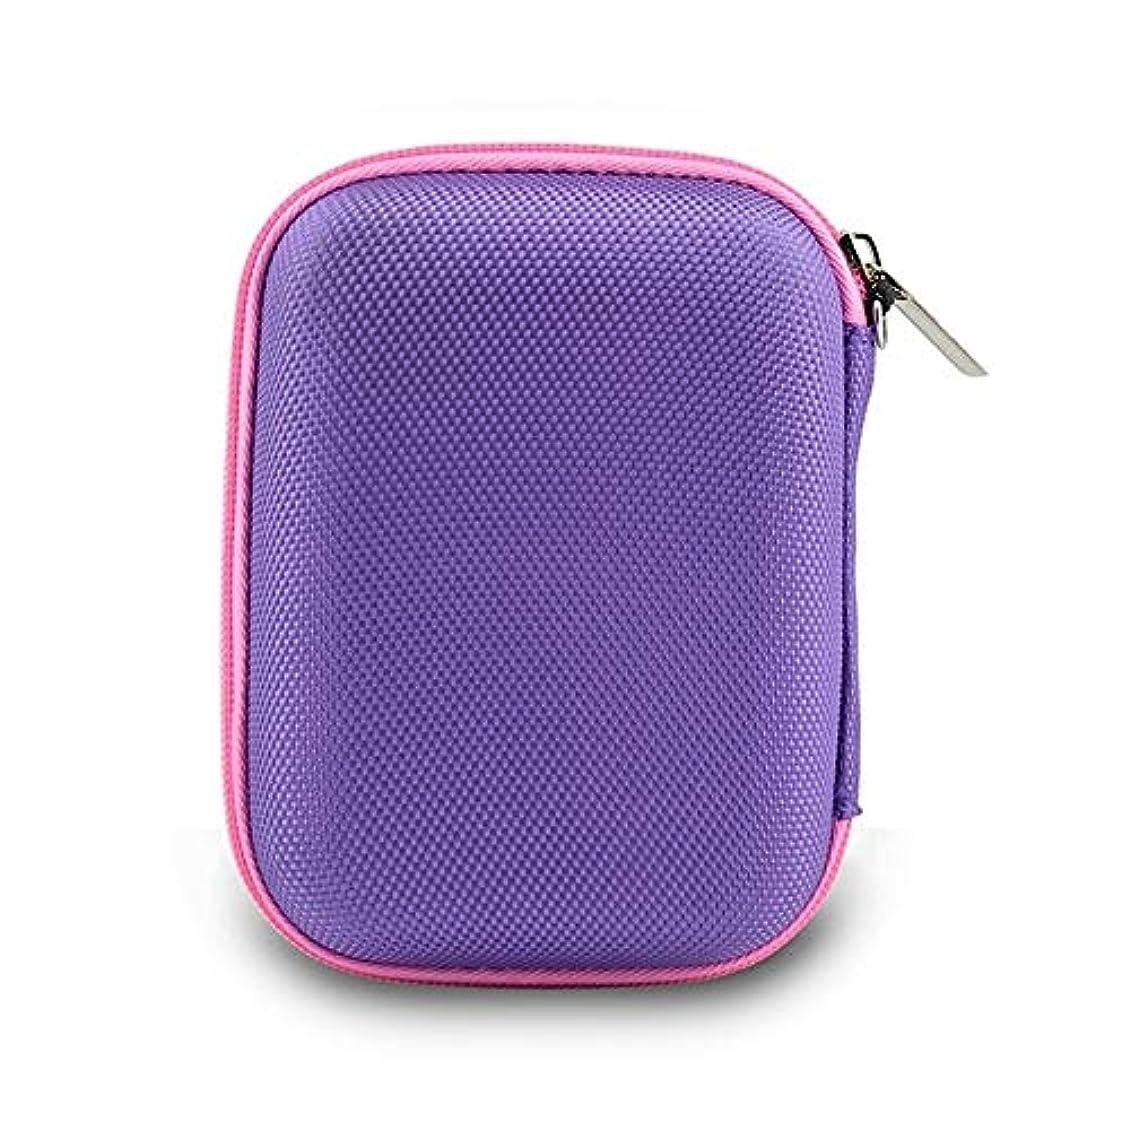 ポケット代替箱アロマセラピー収納ボックス 10本のボトルスーツケース油/ローラーボトルストレージオーガナイザー10週間mLのバイアルハード外部記憶袋 エッセンシャルオイル収納ボックス (色 : 紫の, サイズ : 14X11X5CM)